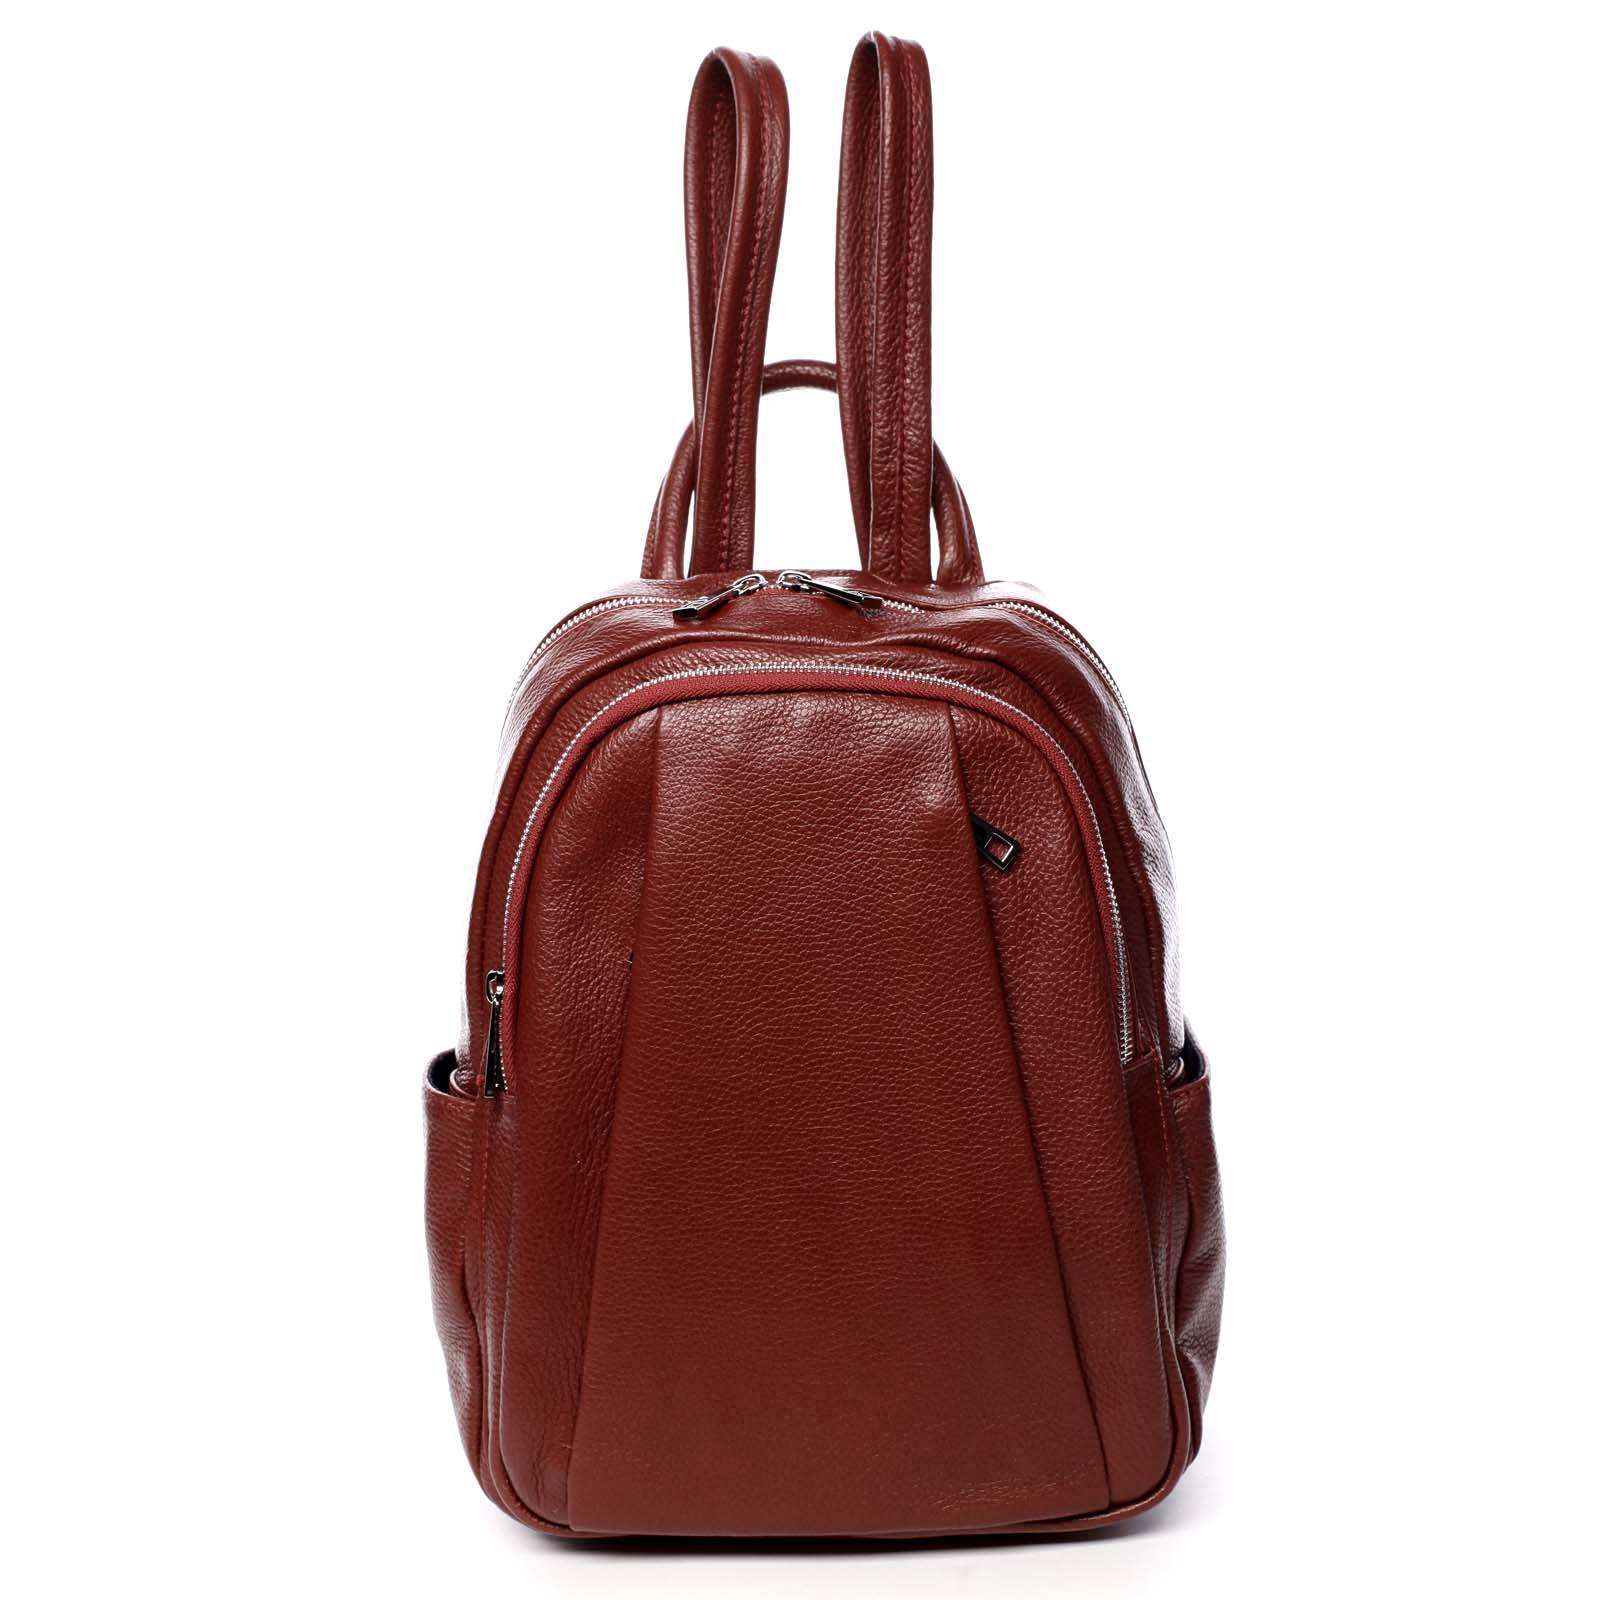 Dámský kožený batoh červený - ItalY Celestia